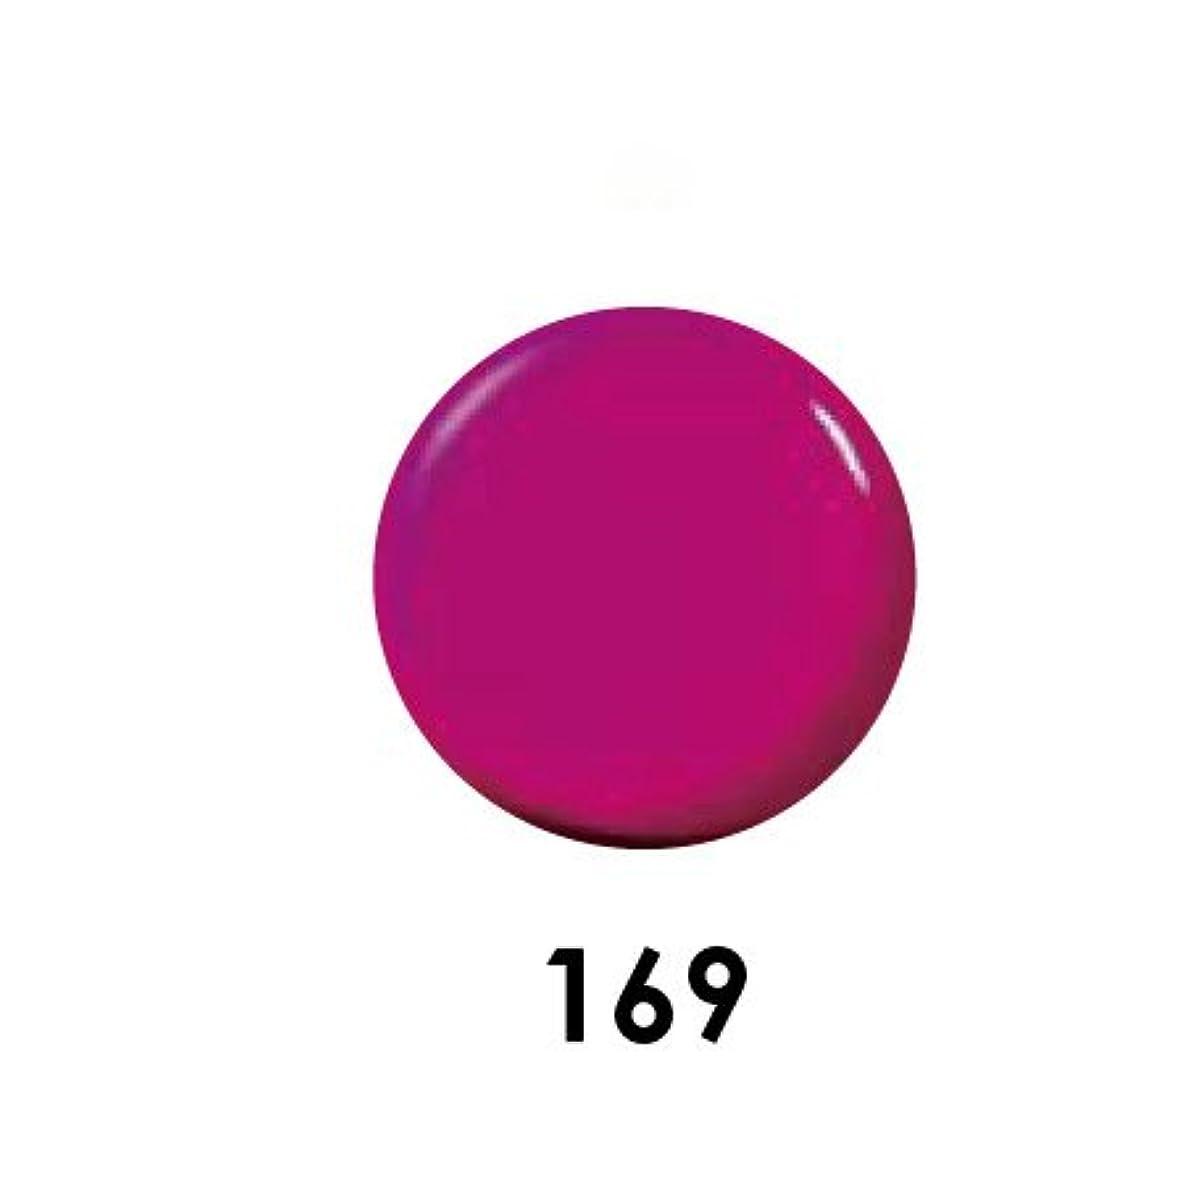 最大限小屋軽食Putiel プティール カラージェル 169 ラテンピンク 2g (MARIEプロデュース)